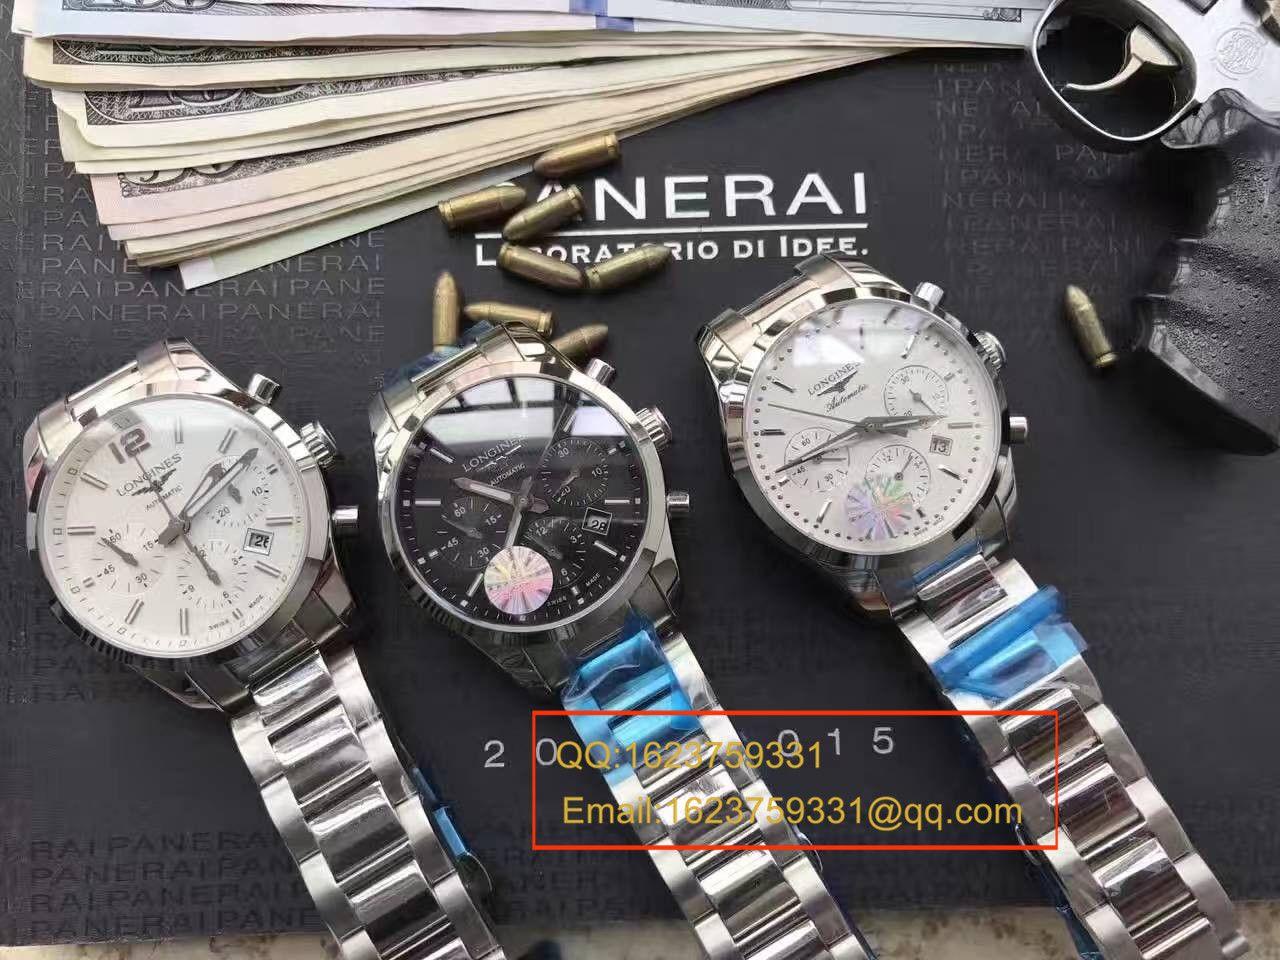 【视频评测YL厂1:1顶级复刻手表】浪琴康铂系列L2.786.4.76男表 / LAF053